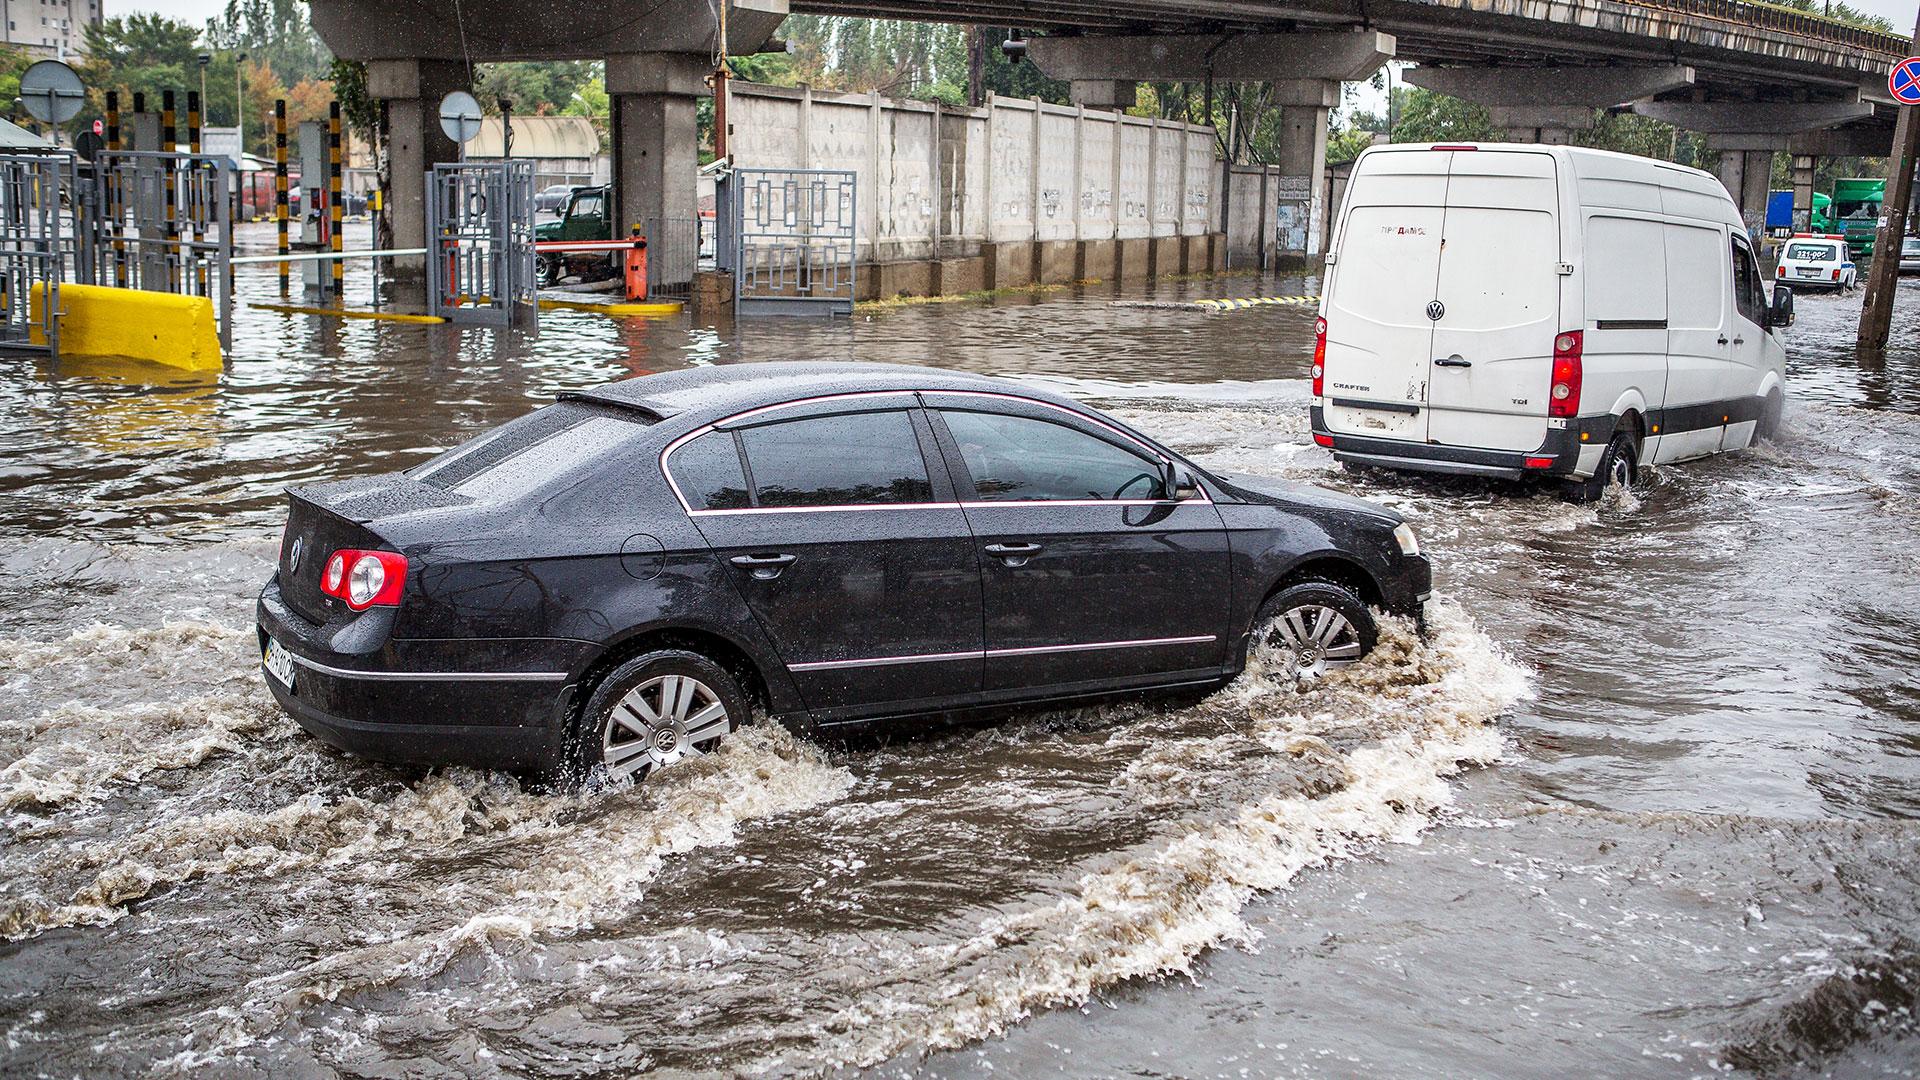 Klimagefahrenreport, überschwemmte Straße